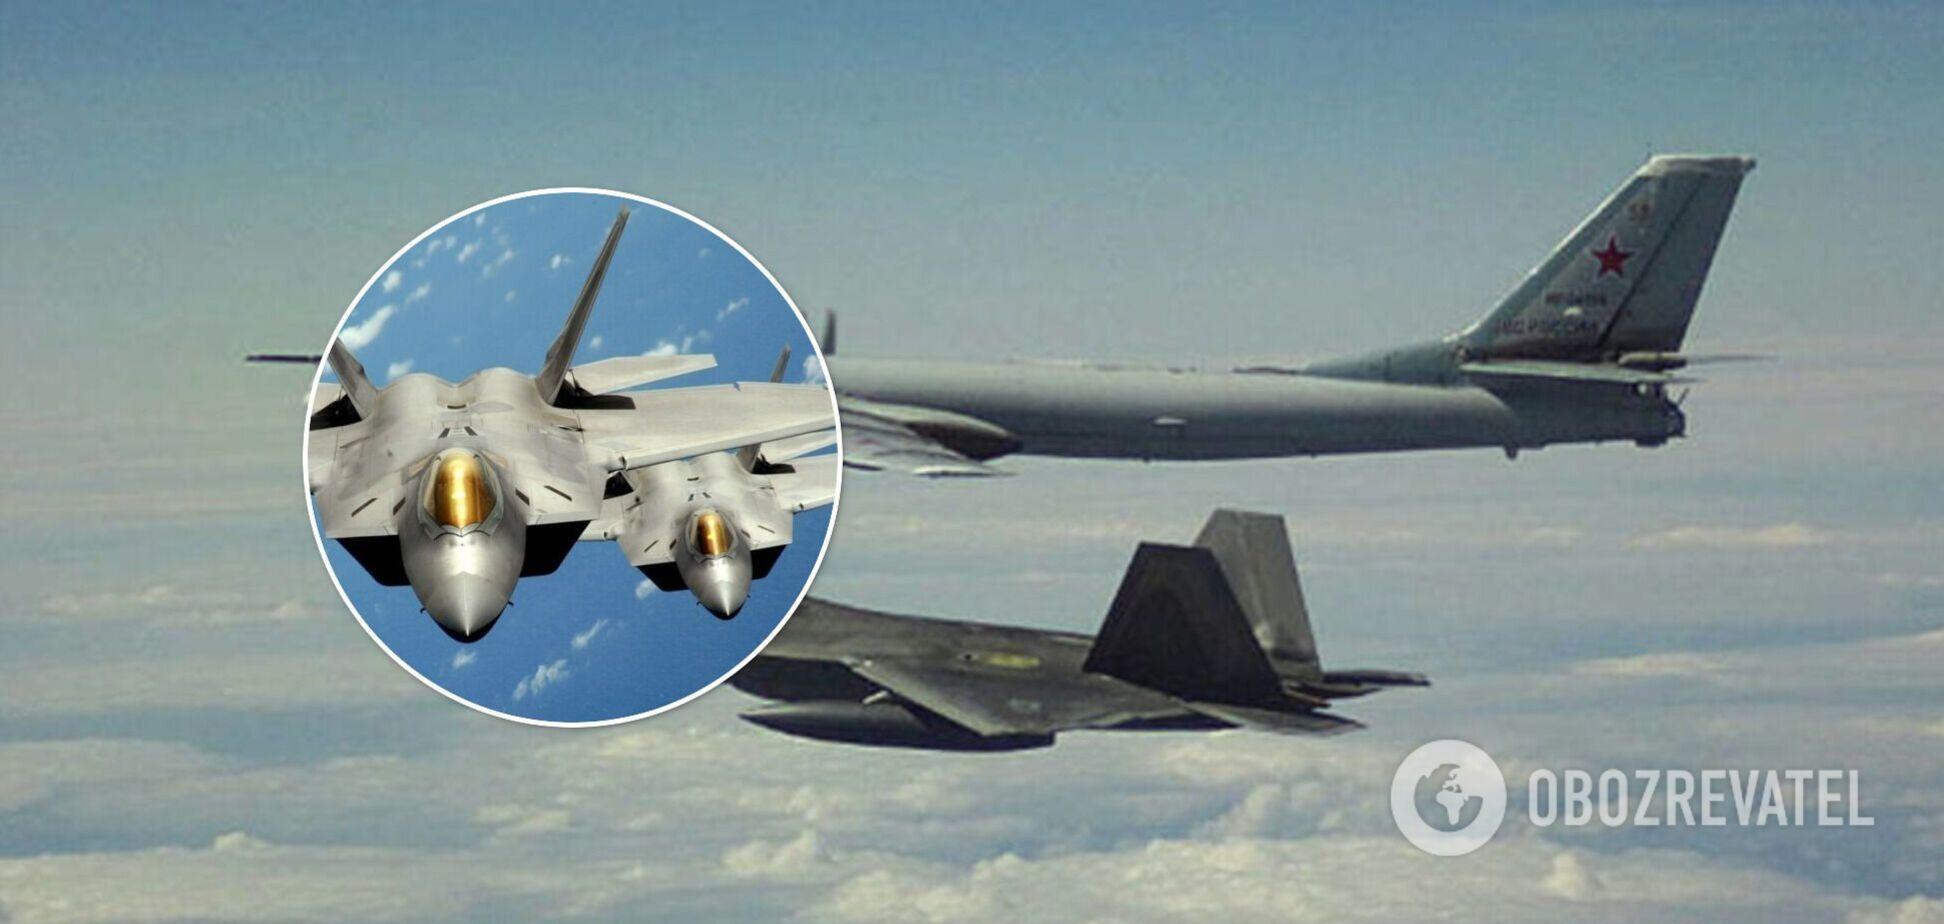 США довелося піднімати у повітря винищувачі через російські бомбардувальники поблизу Гаваїв